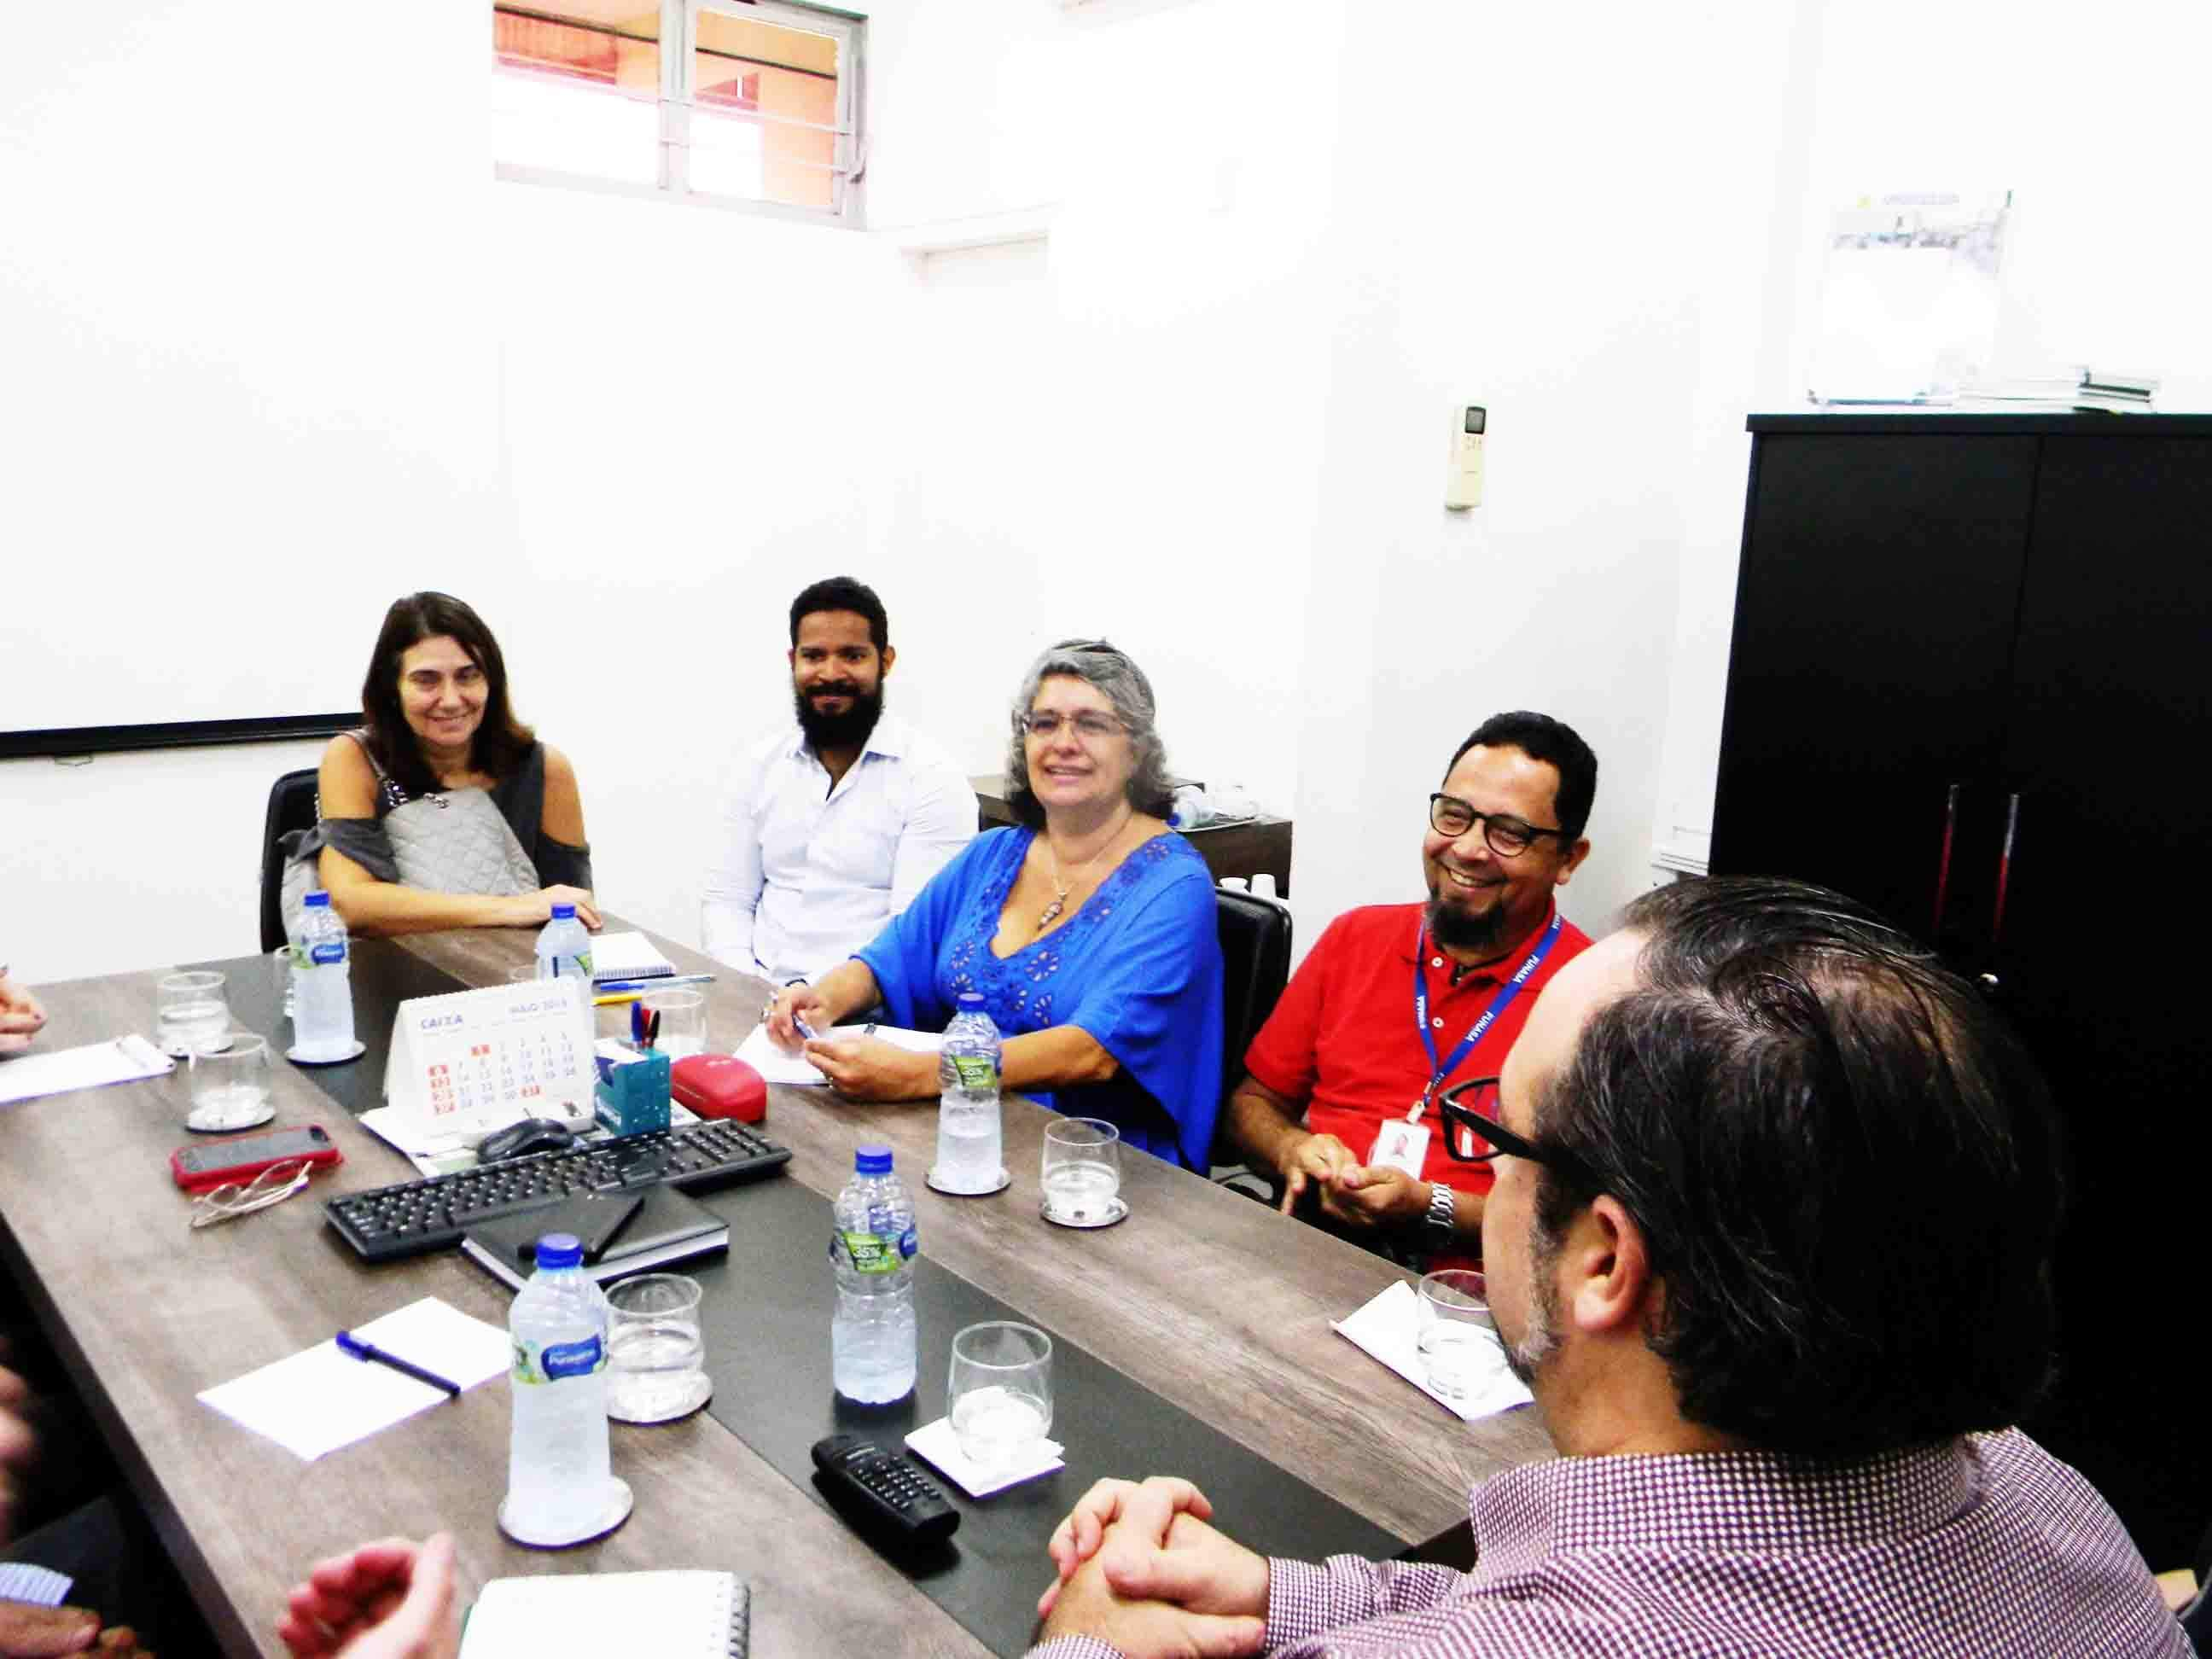 Técnicos da Funasa e professores do IFBA com coordenadores do PMSB em reunião com Uniselva